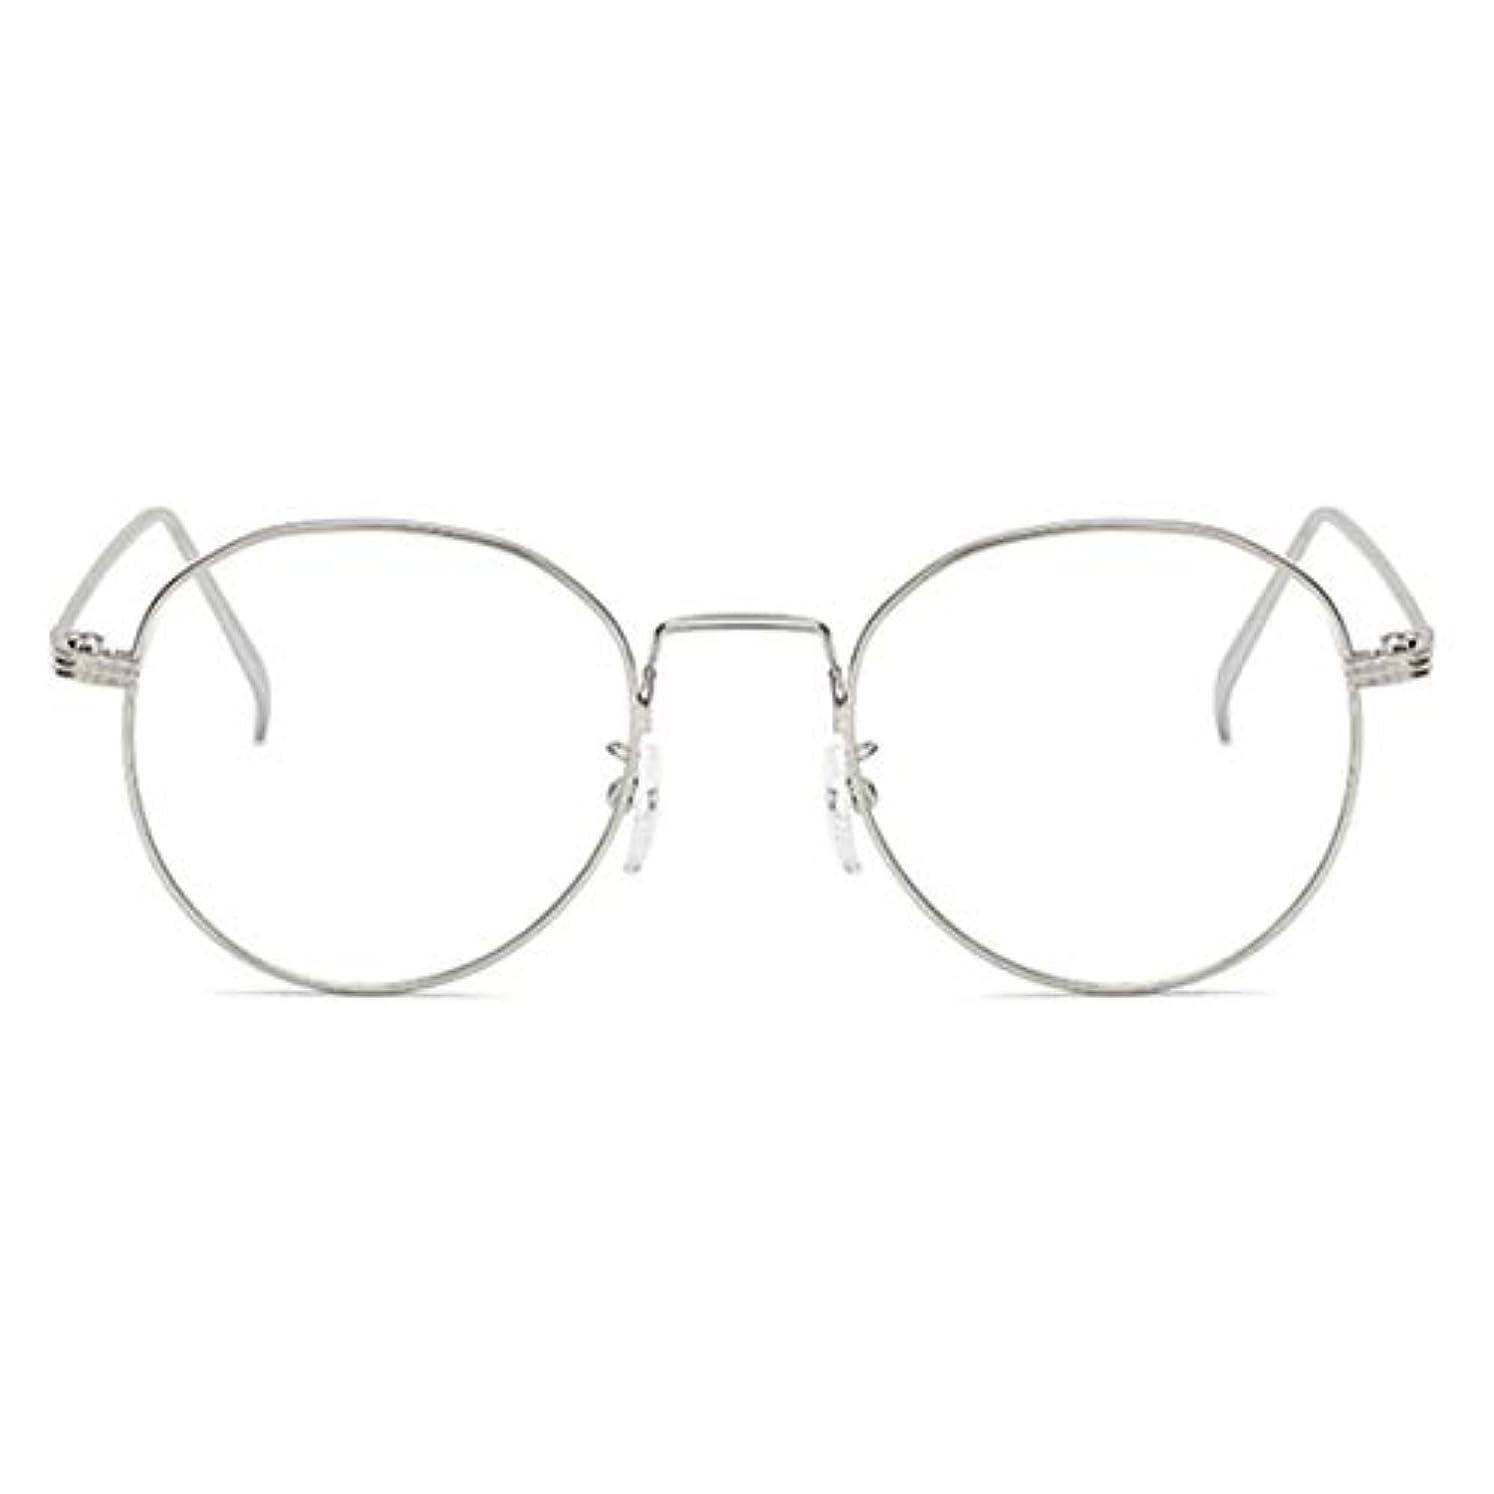 政策中国スリット丸型アンチブルーライト男性女性メガネ軽量金属フレームプレーンミラーレンズアイウェアメガネ-シルバー